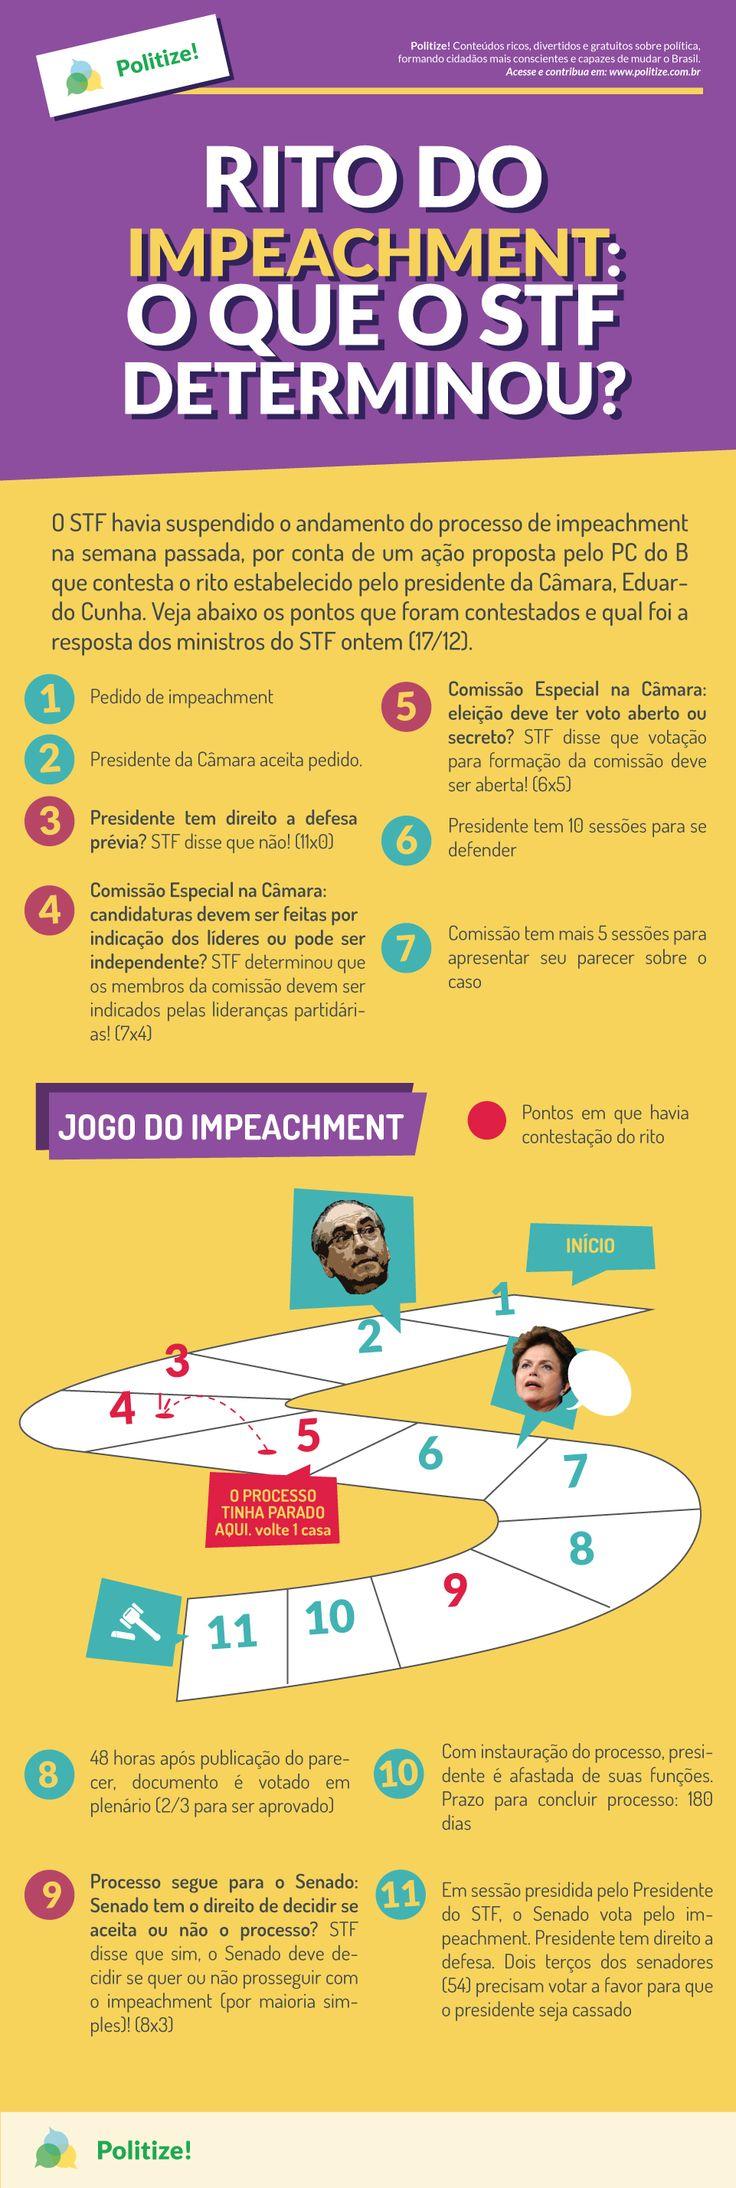 rito-do-impeachment-stf